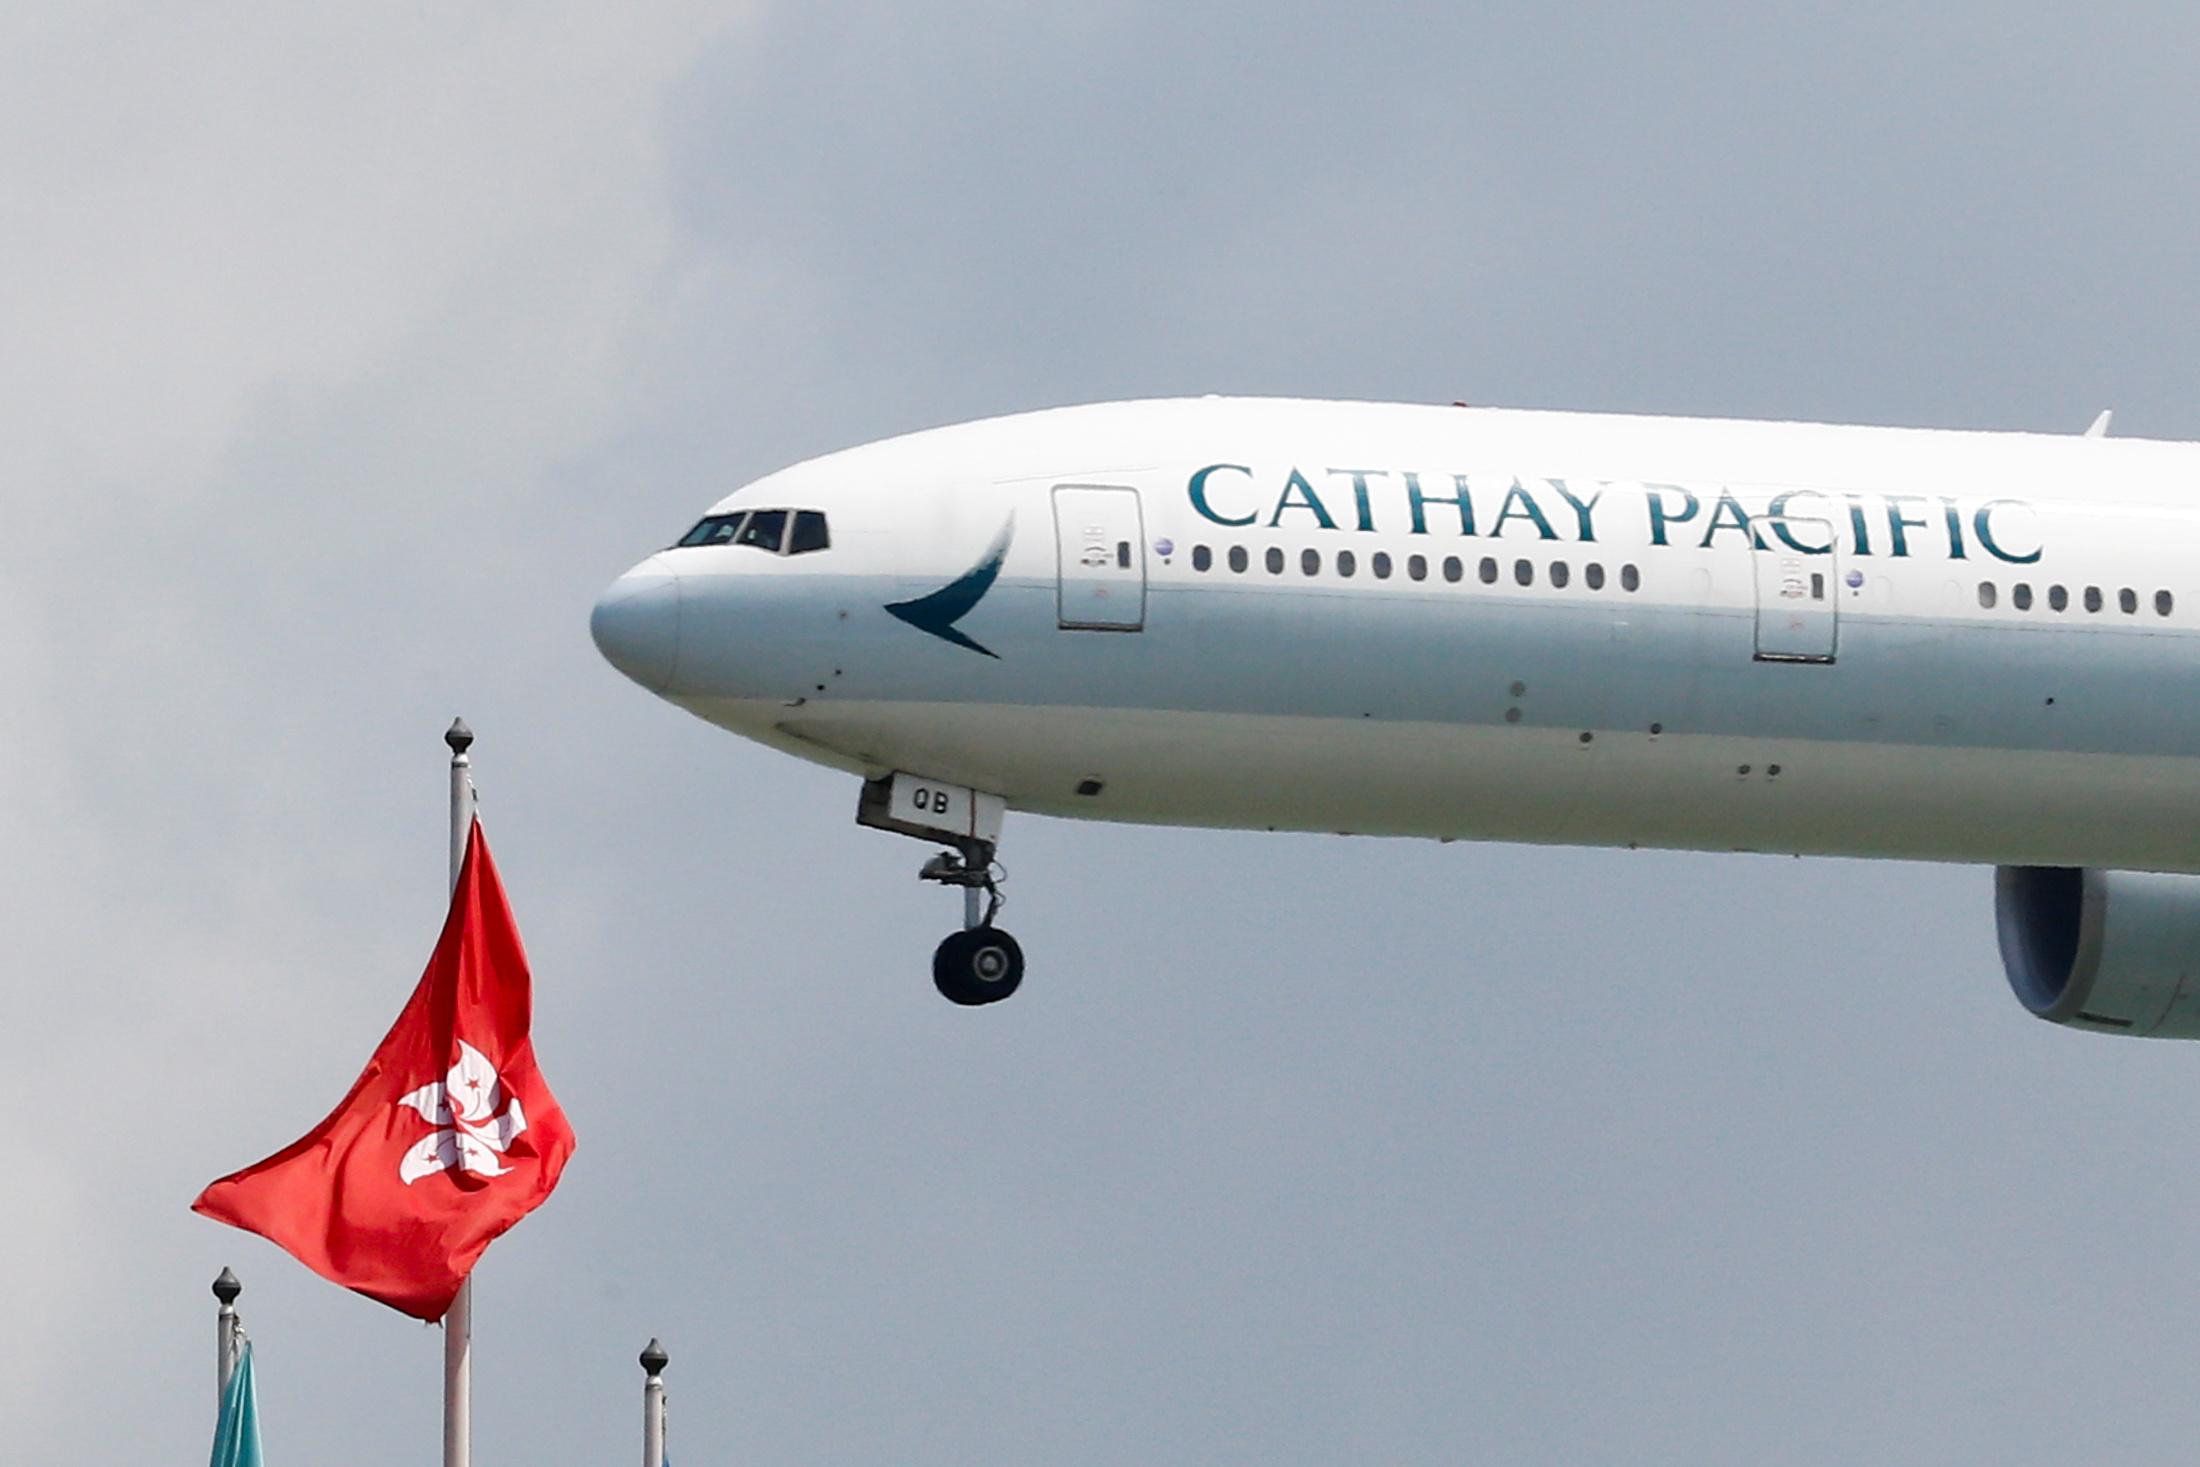 China Watchdog has Cathay Staff 'Walking on Eggshells' Amid Hong Kong Protests